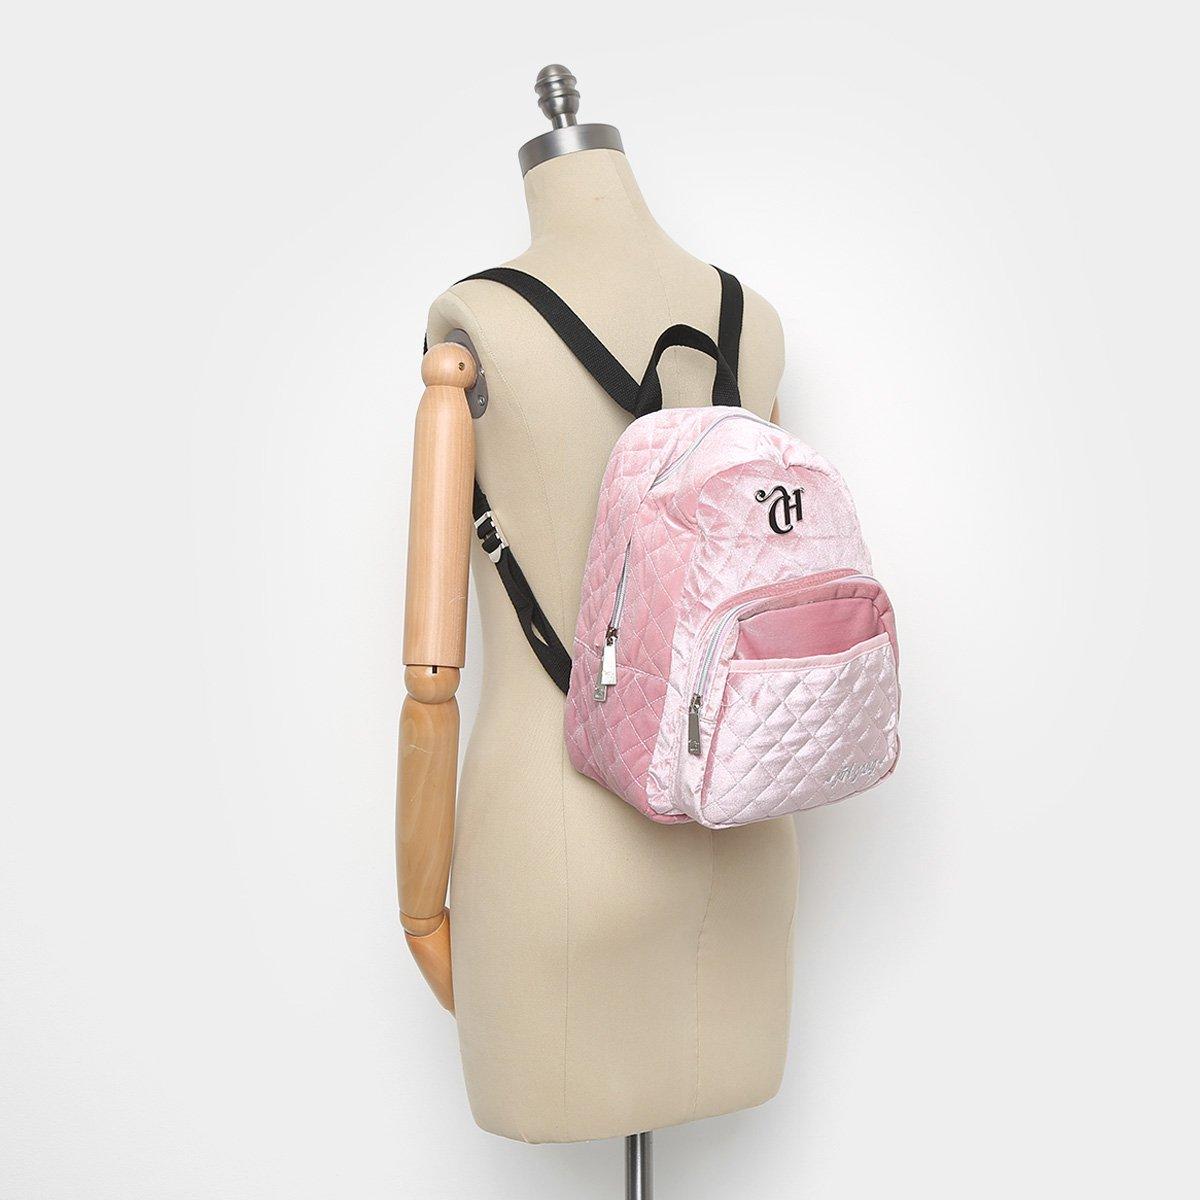 8558b2460 Mochila DMW Capricho Girl Gang Matelassê Feminina - Shopping TudoAzul